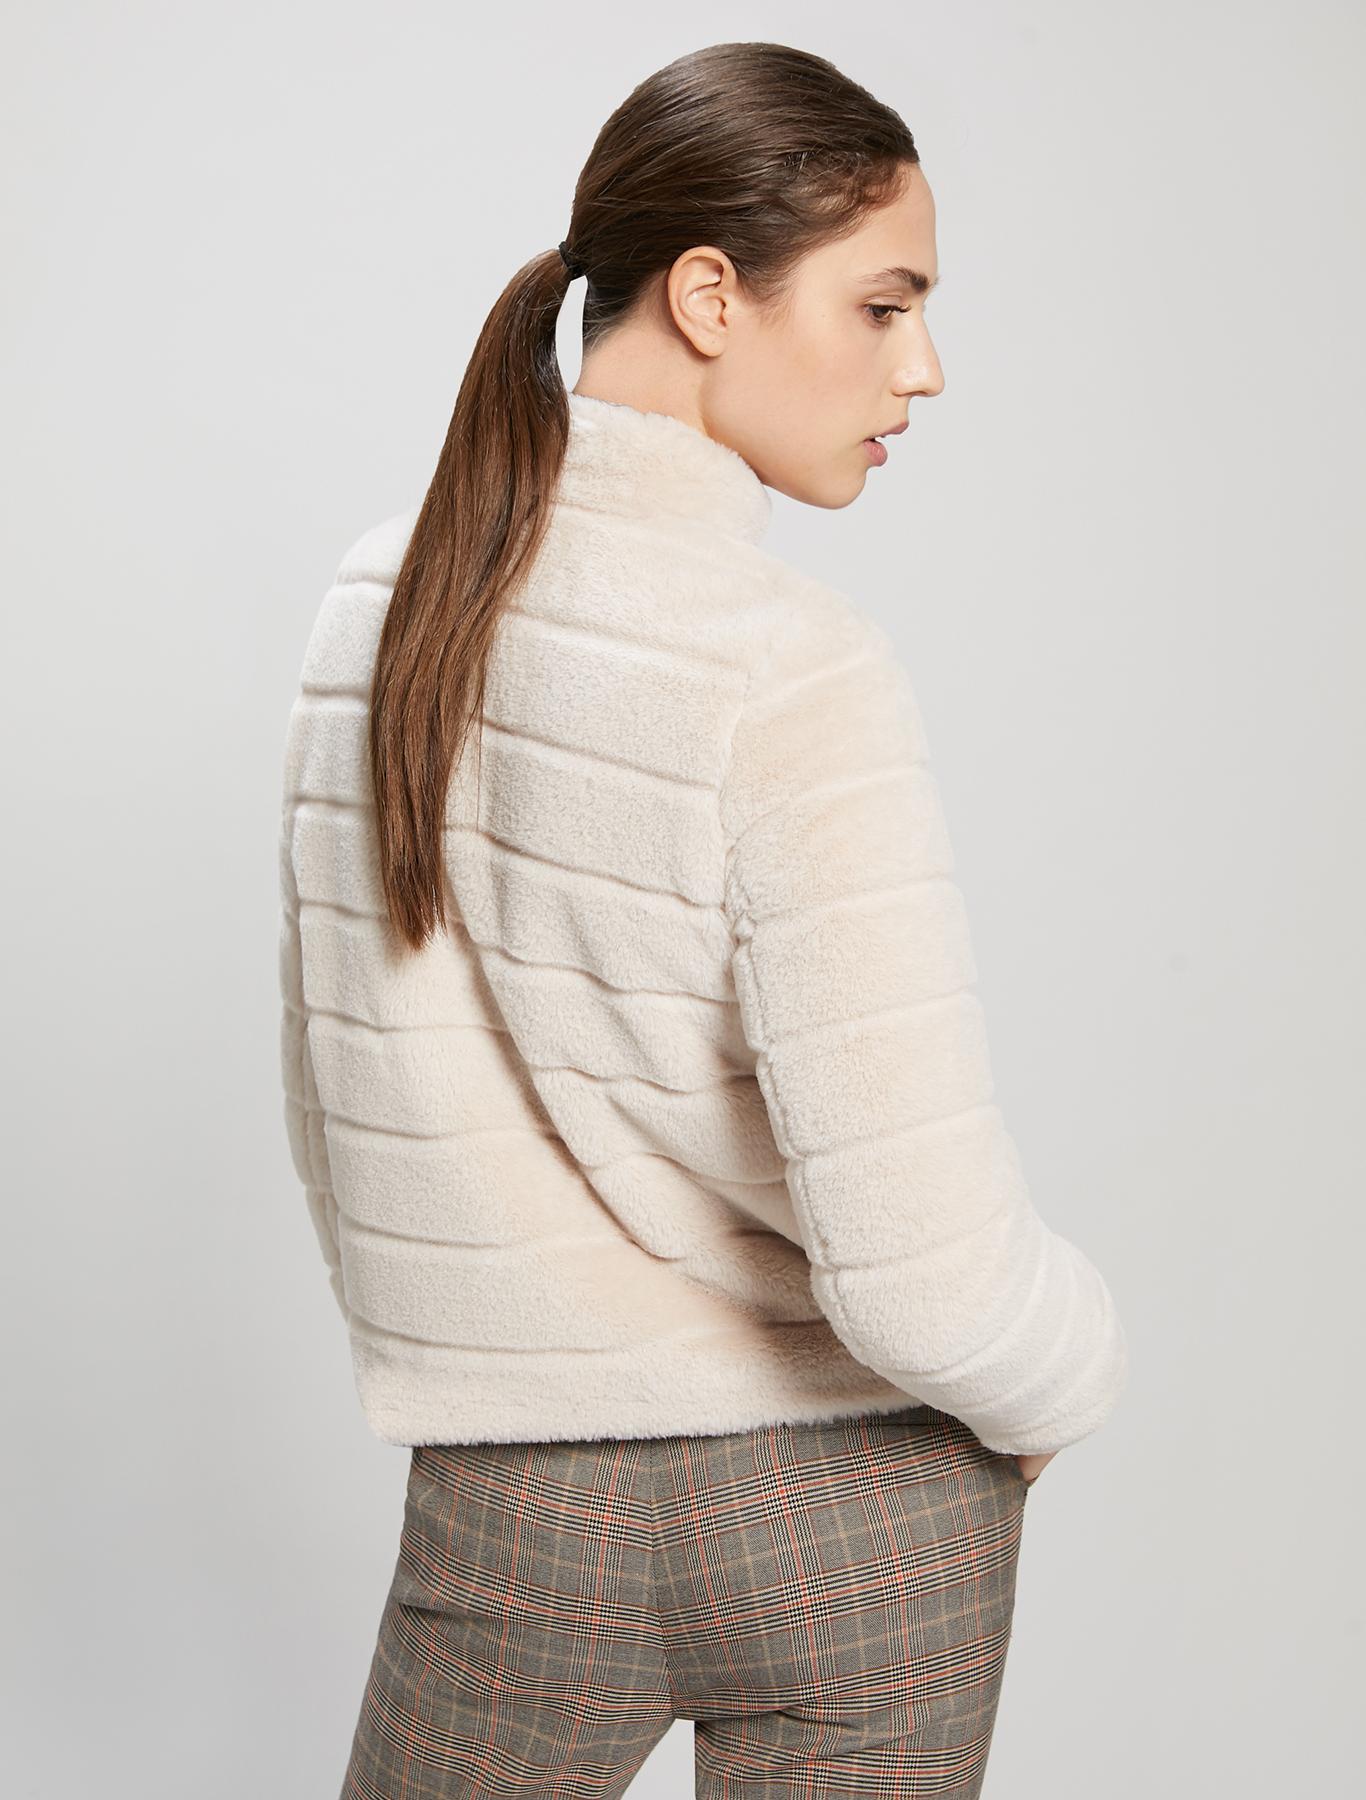 Plush jacket - ivory - pennyblack